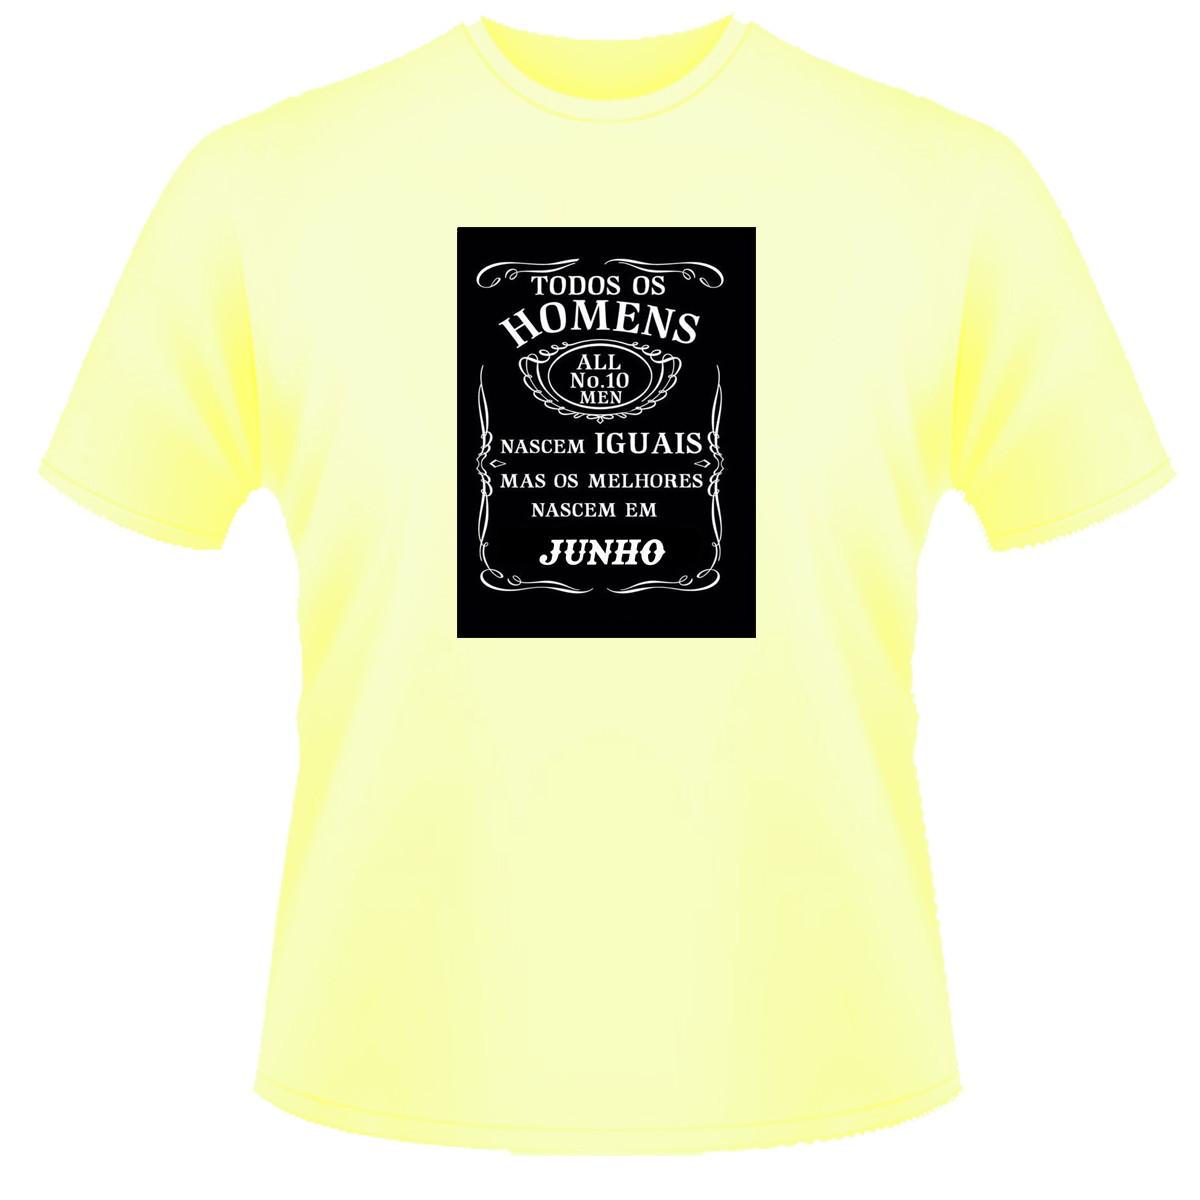 Camisa de Homenagem Crie a Sua Aqui  1bbd9bf2eef88